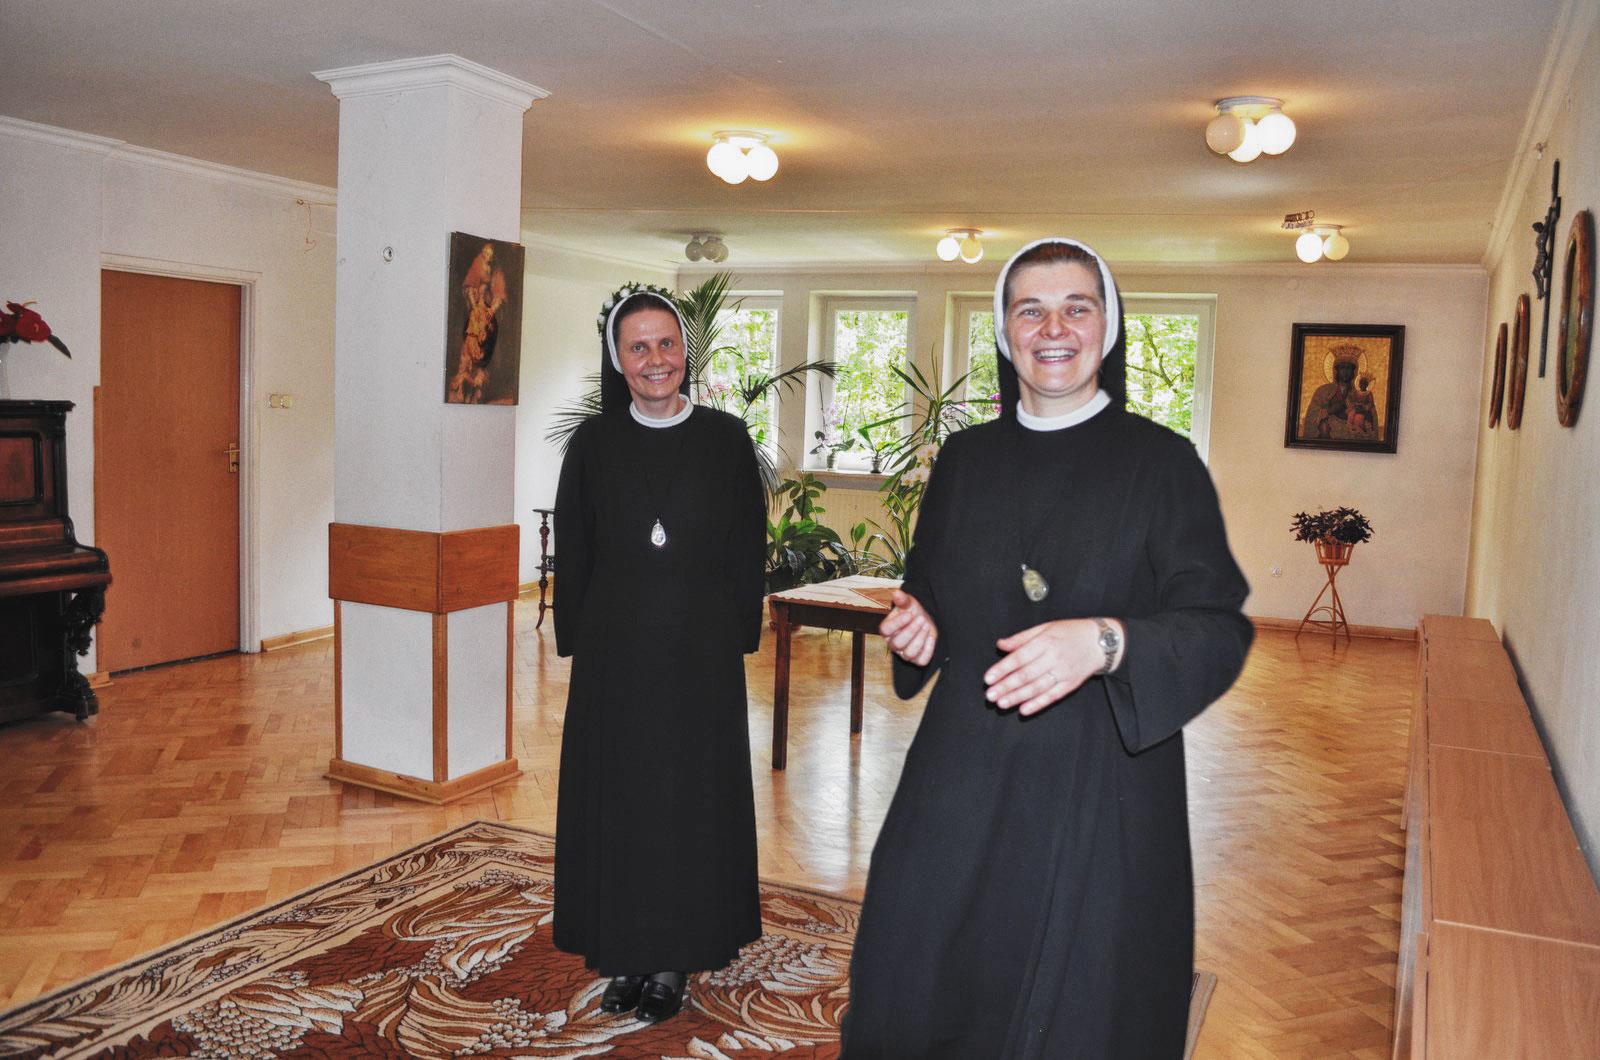 Sióstr_św_Elżbiety-Pierwsze_Śluby_fotorelacja-I-SLUBY-DSC_0600-min.jpg